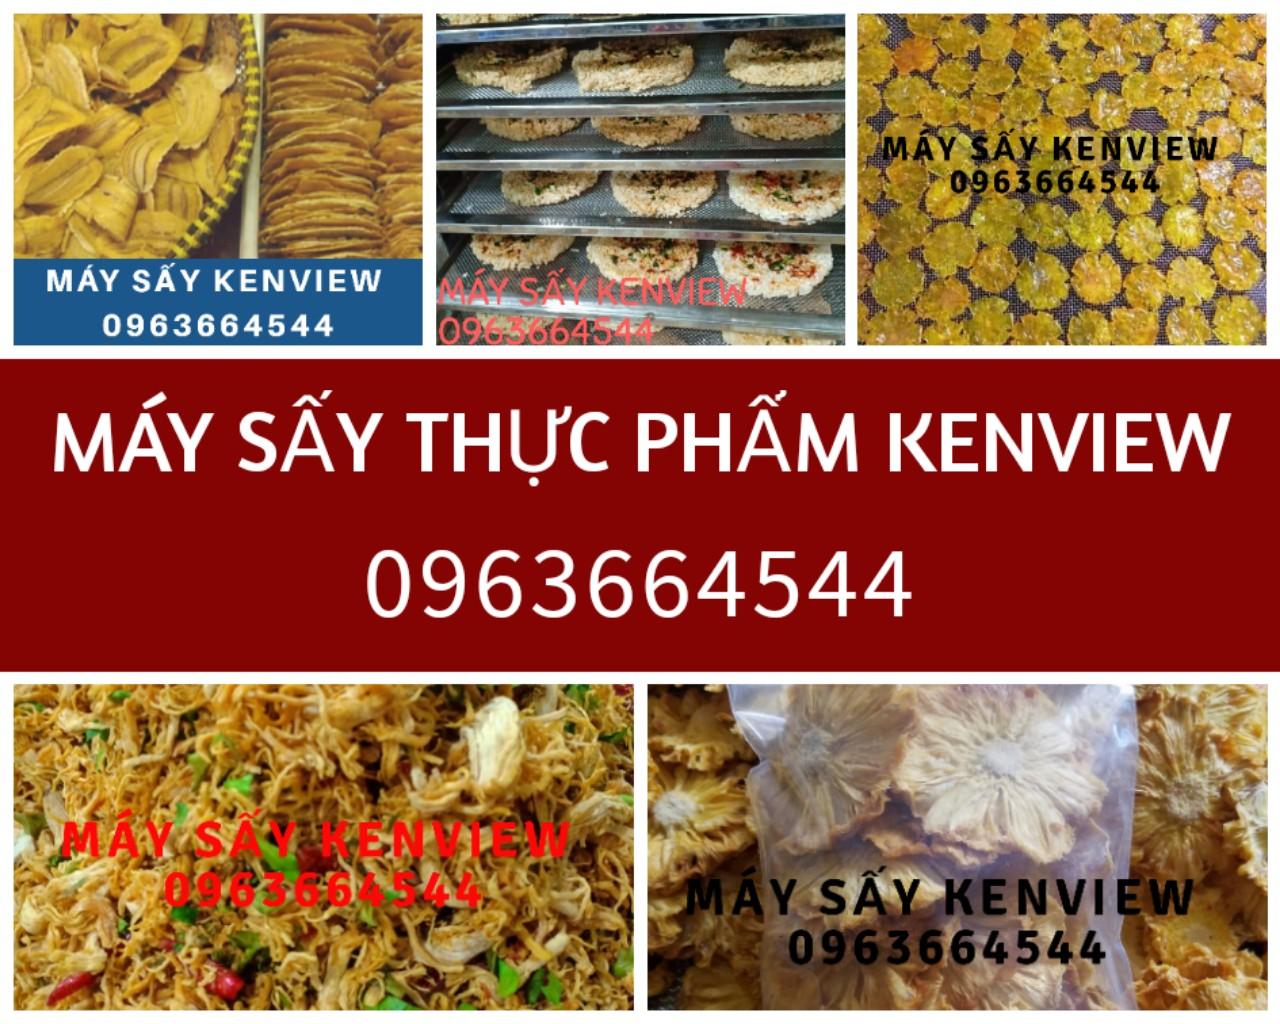 Cung cấp máy sấy trái cây ở Củ Chi TP. Hồ Chí Minh 0963664544